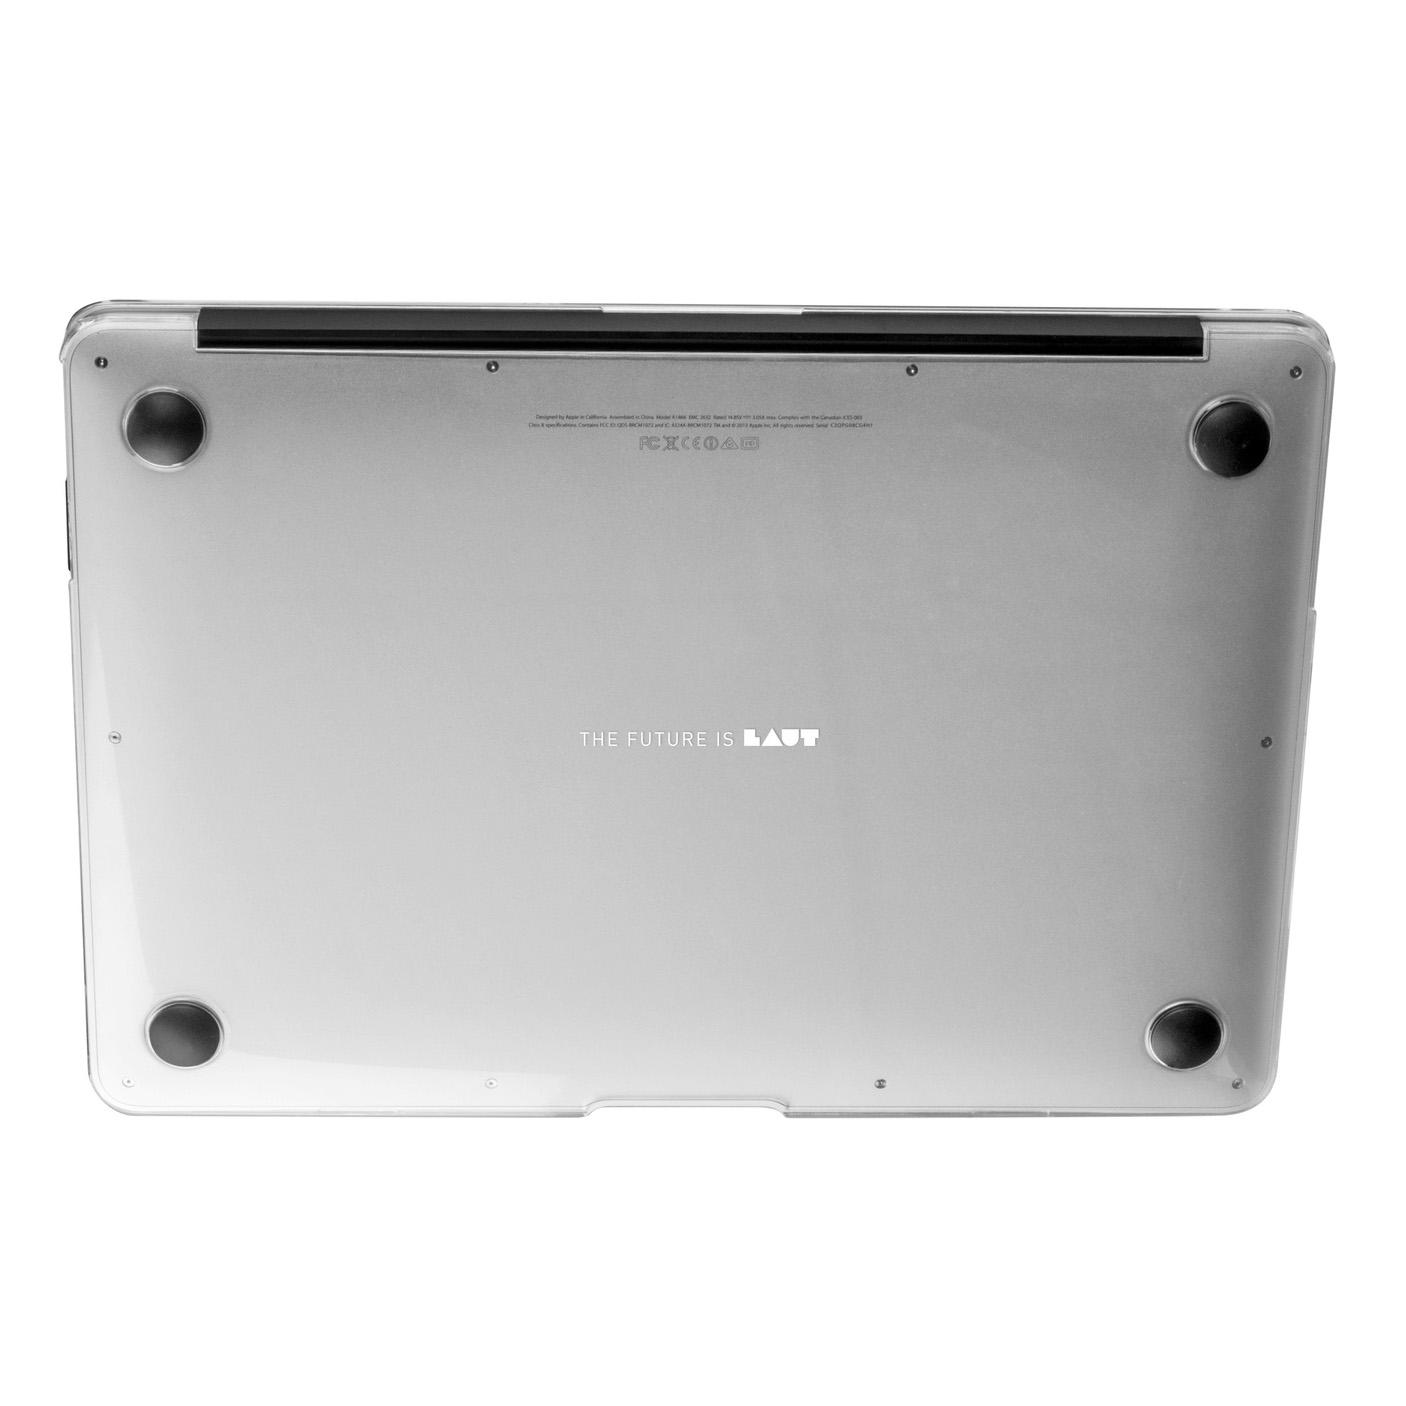 Ốp LAUT SLIM Crystal X Dành cho Macbook Pro 16-inch 2020 - Hàng chính hãng